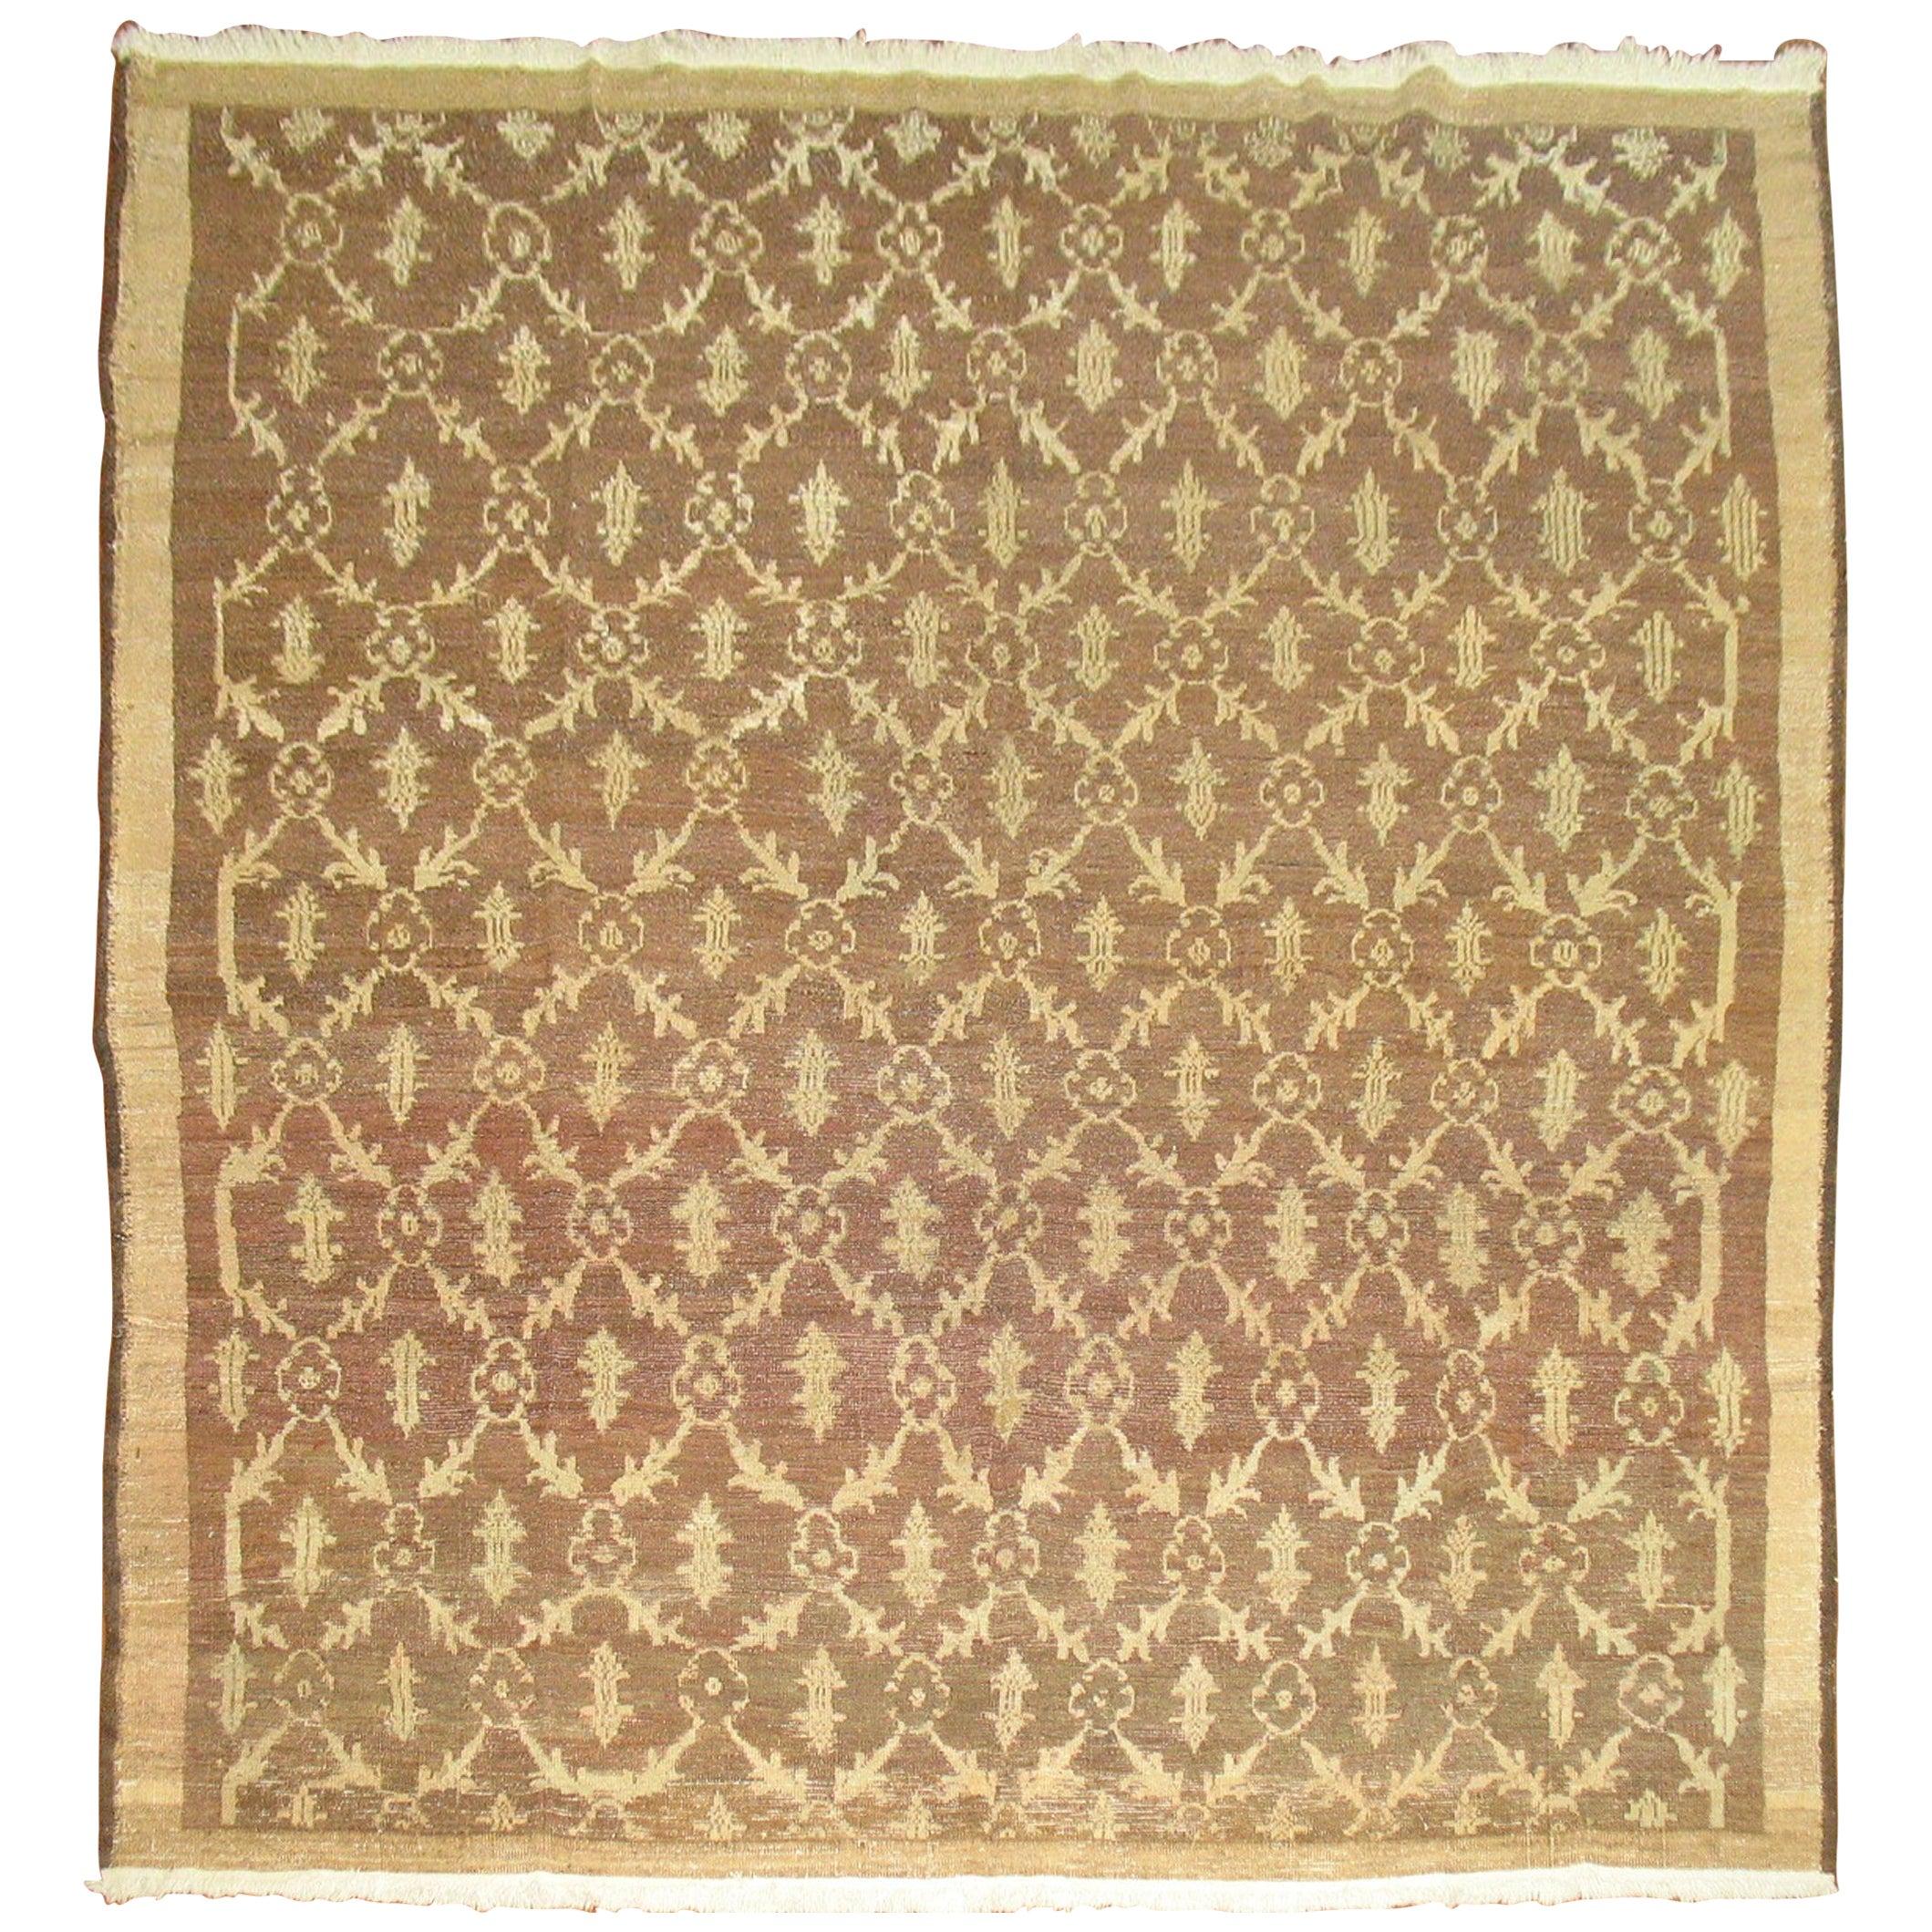 Vintage Turkish Konya Room Size Rug